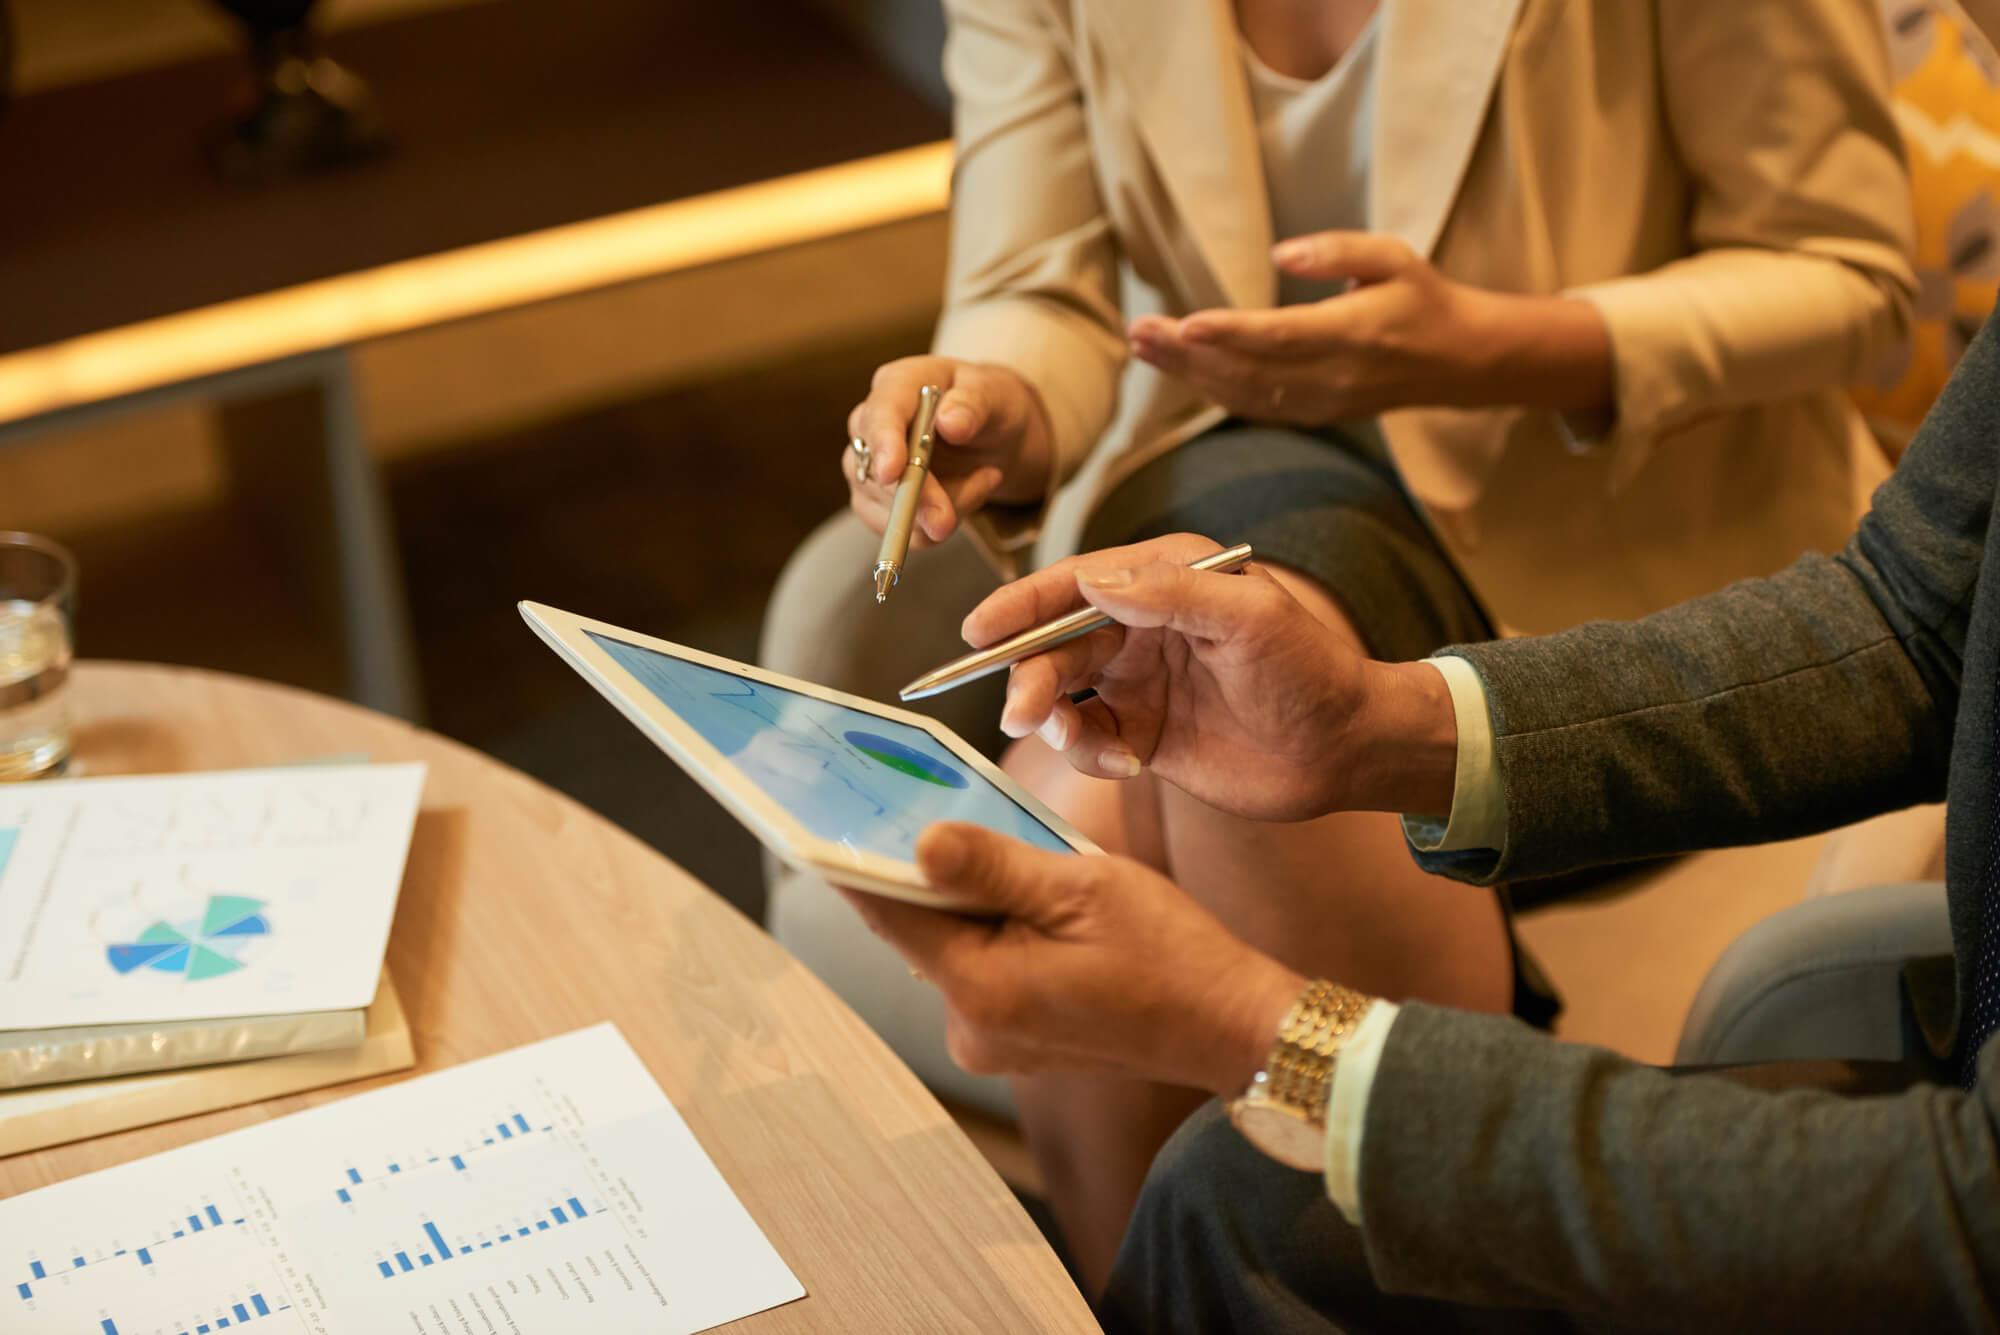 inovação na indústria de móveis como pode ser uma aliada